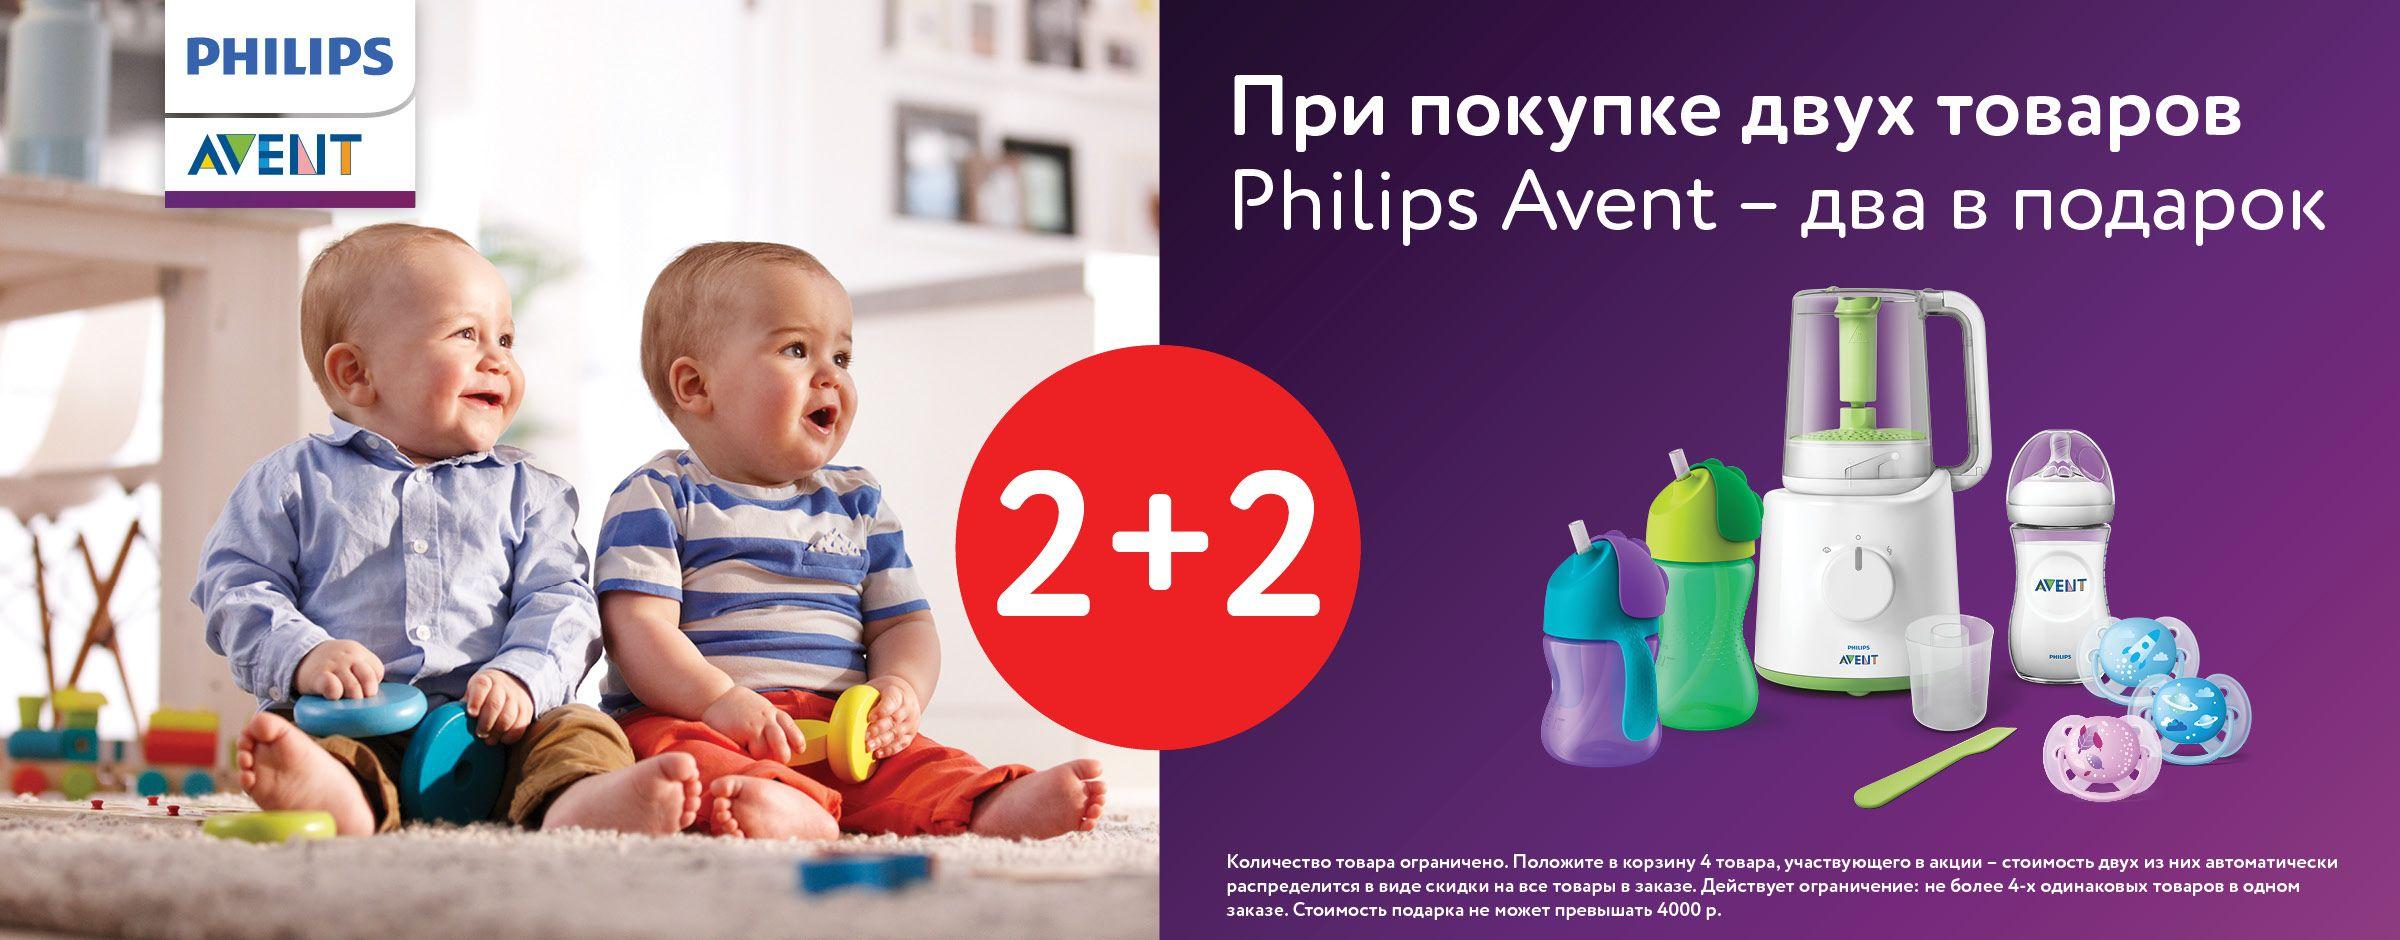 2+2 на Philips Avent